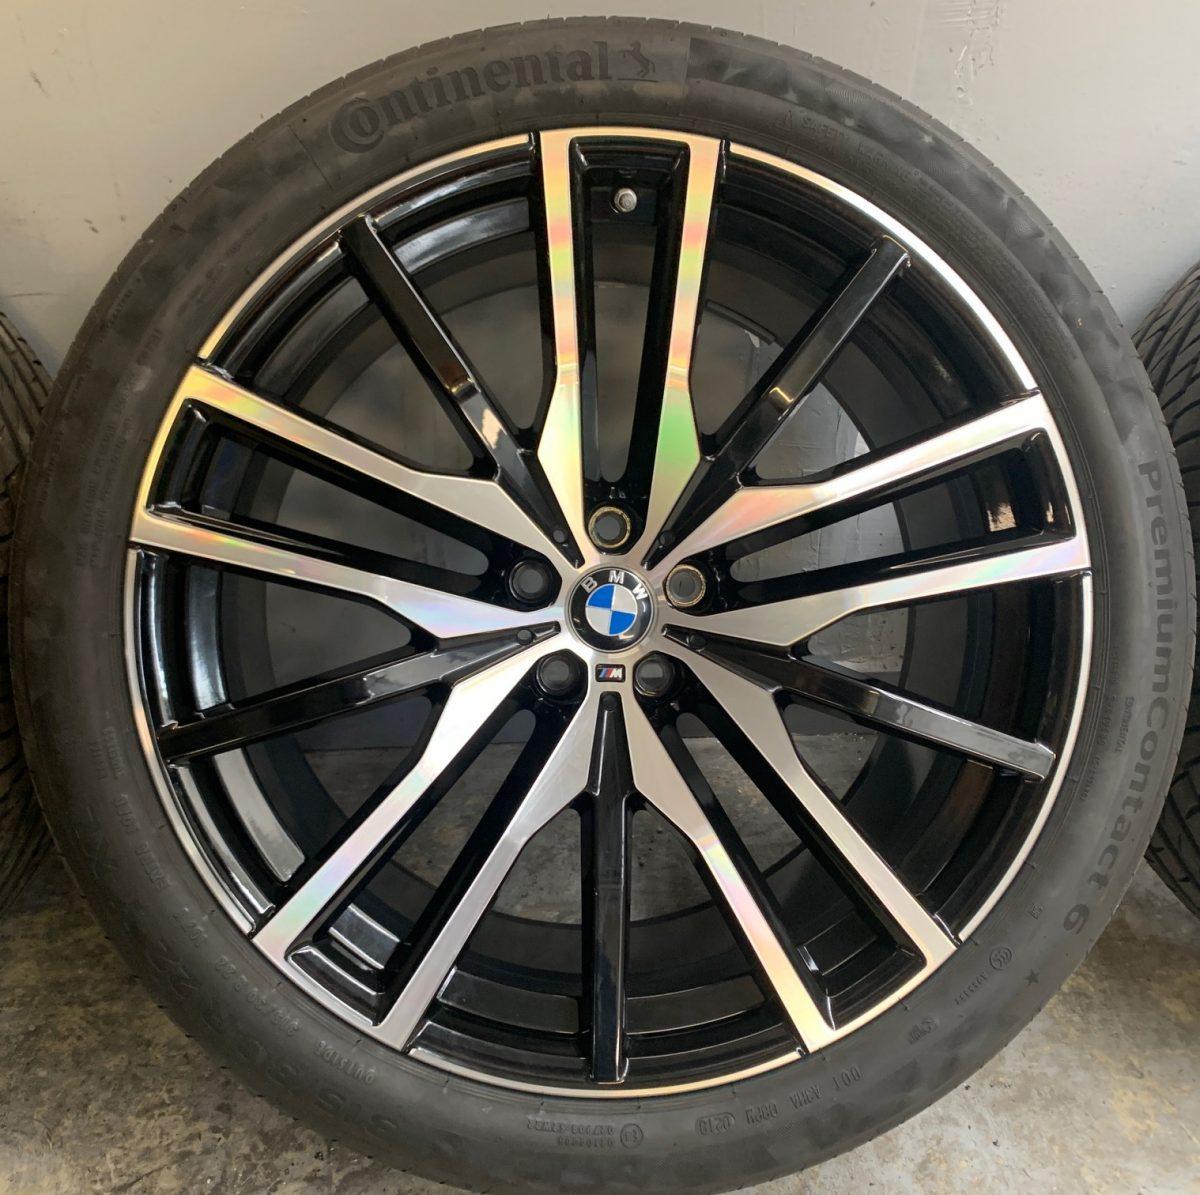 Gyári alufelni BMW X5-X6 G05-G06 (742M Styl) 9,5X22-10,5X22 5X112 alufelni új nyári garnitúra! Continental gumikkal,nyomásszenzorral! 1